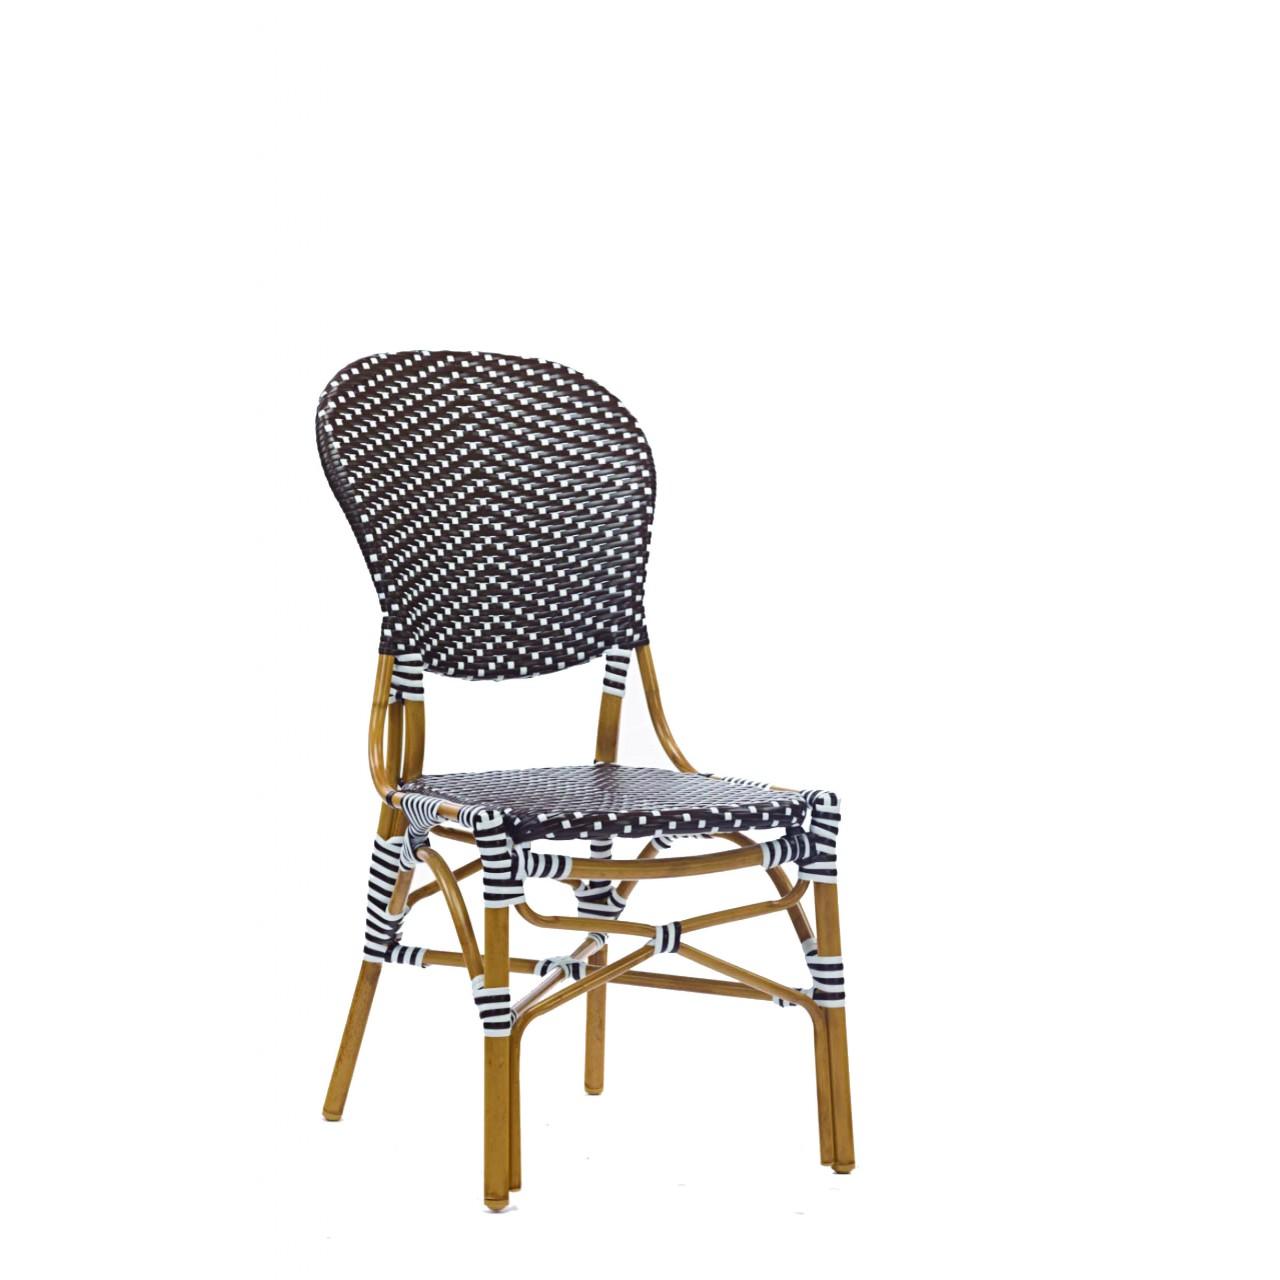 Tigress Direct Furniture and Homewares : 208 1280x1280 397346 from tigressfurniture.com.au size 1280 x 1280 jpeg 125kB